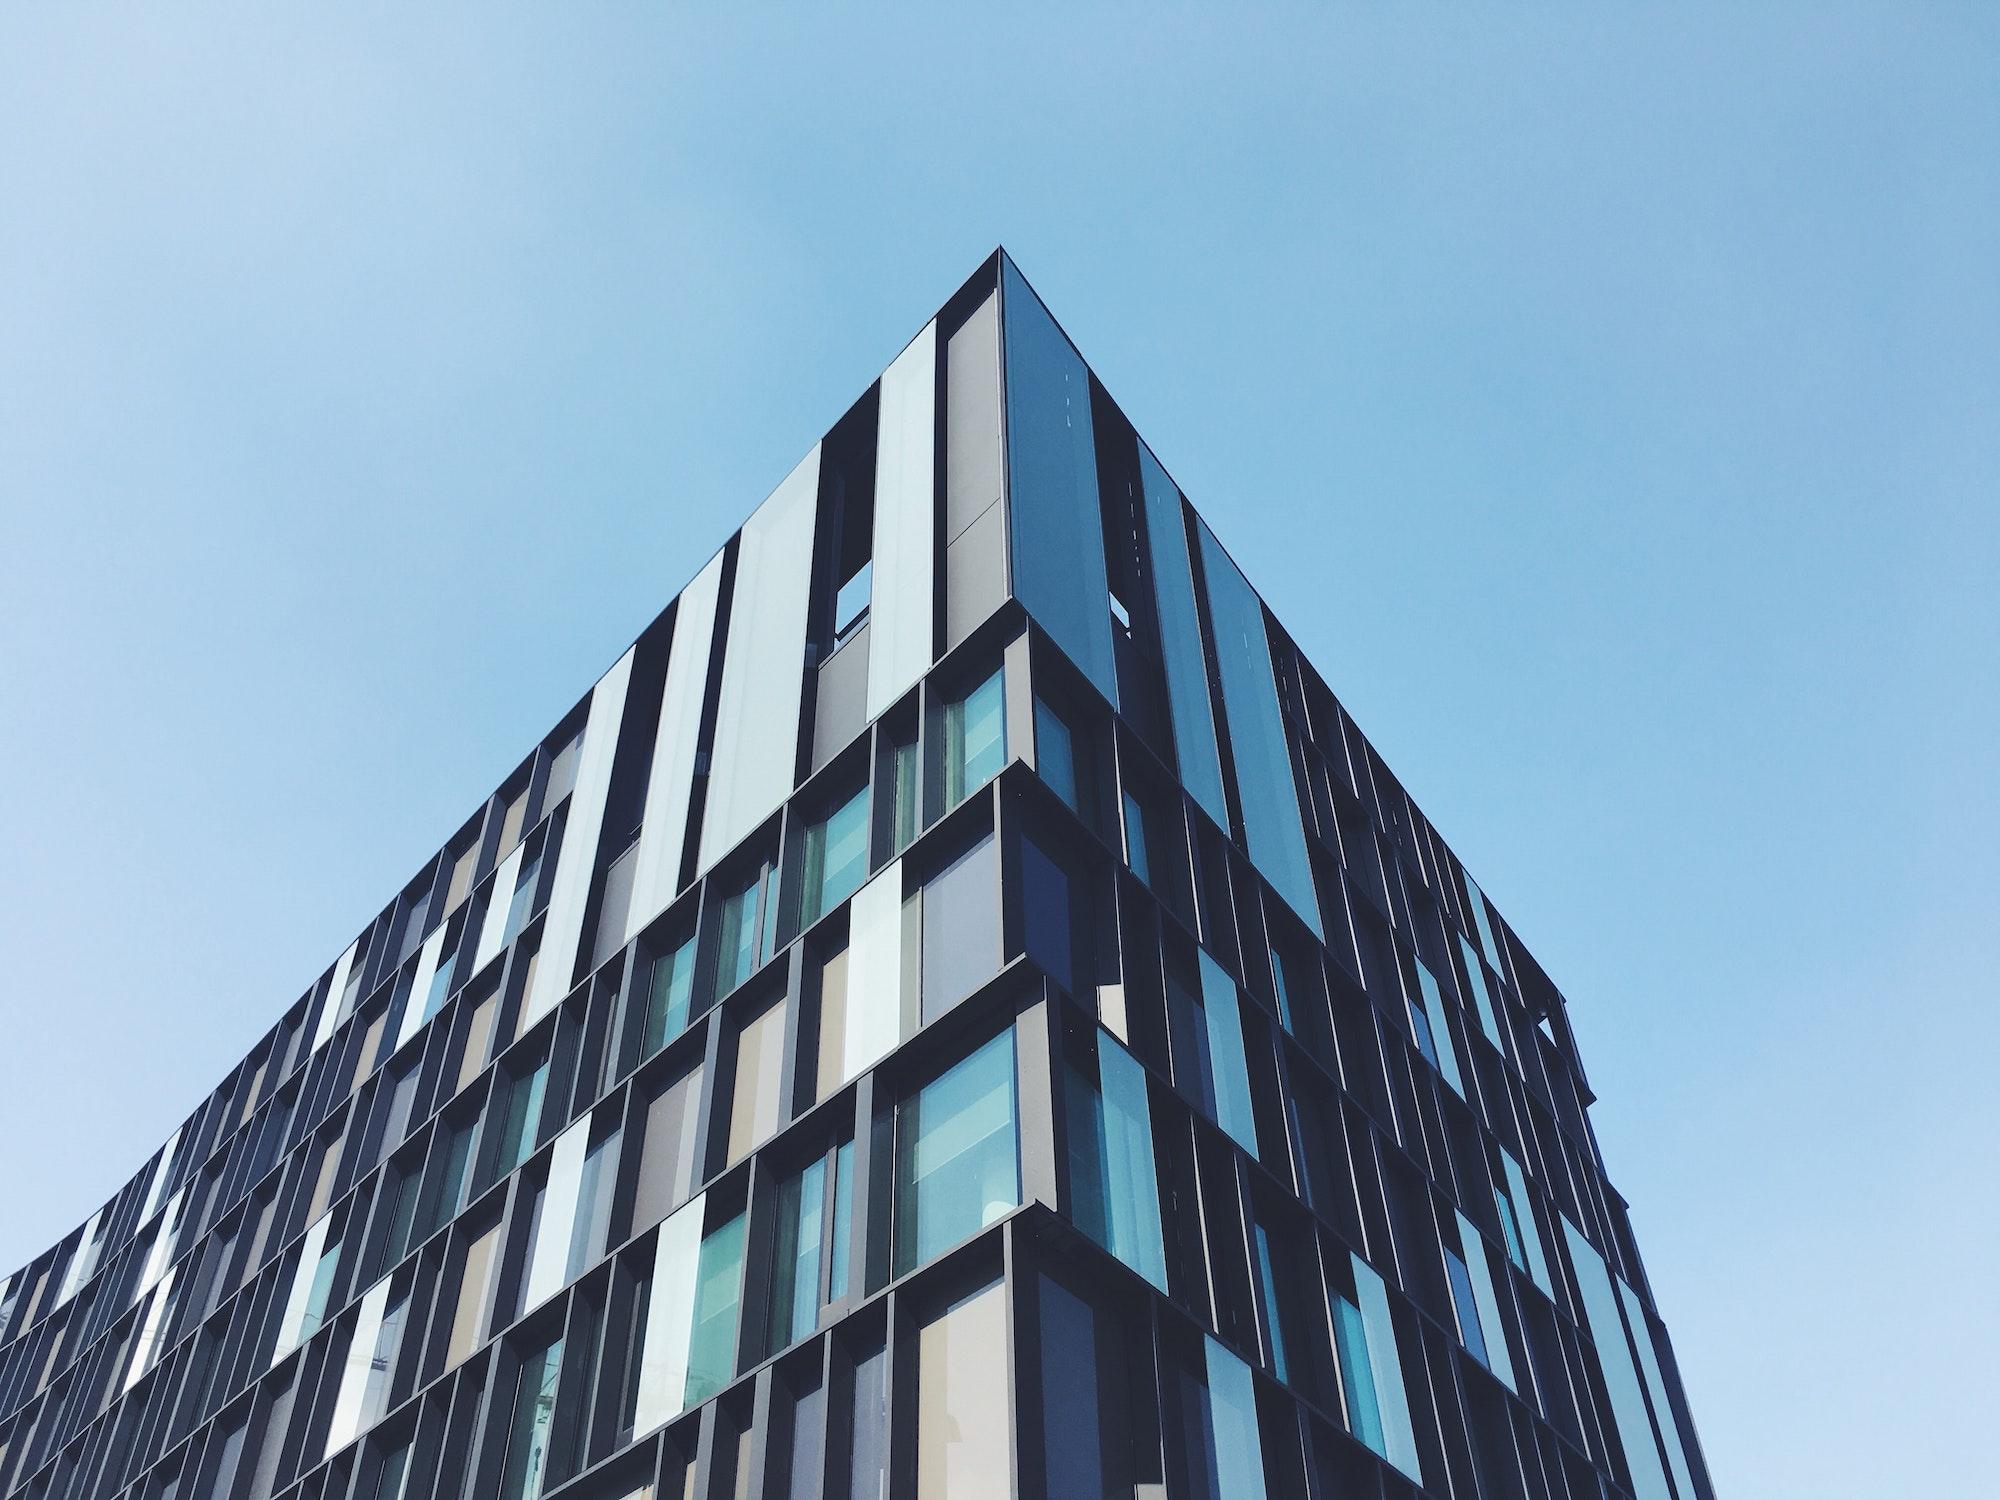 Toppen af det fjerneste hjørne af en bygning